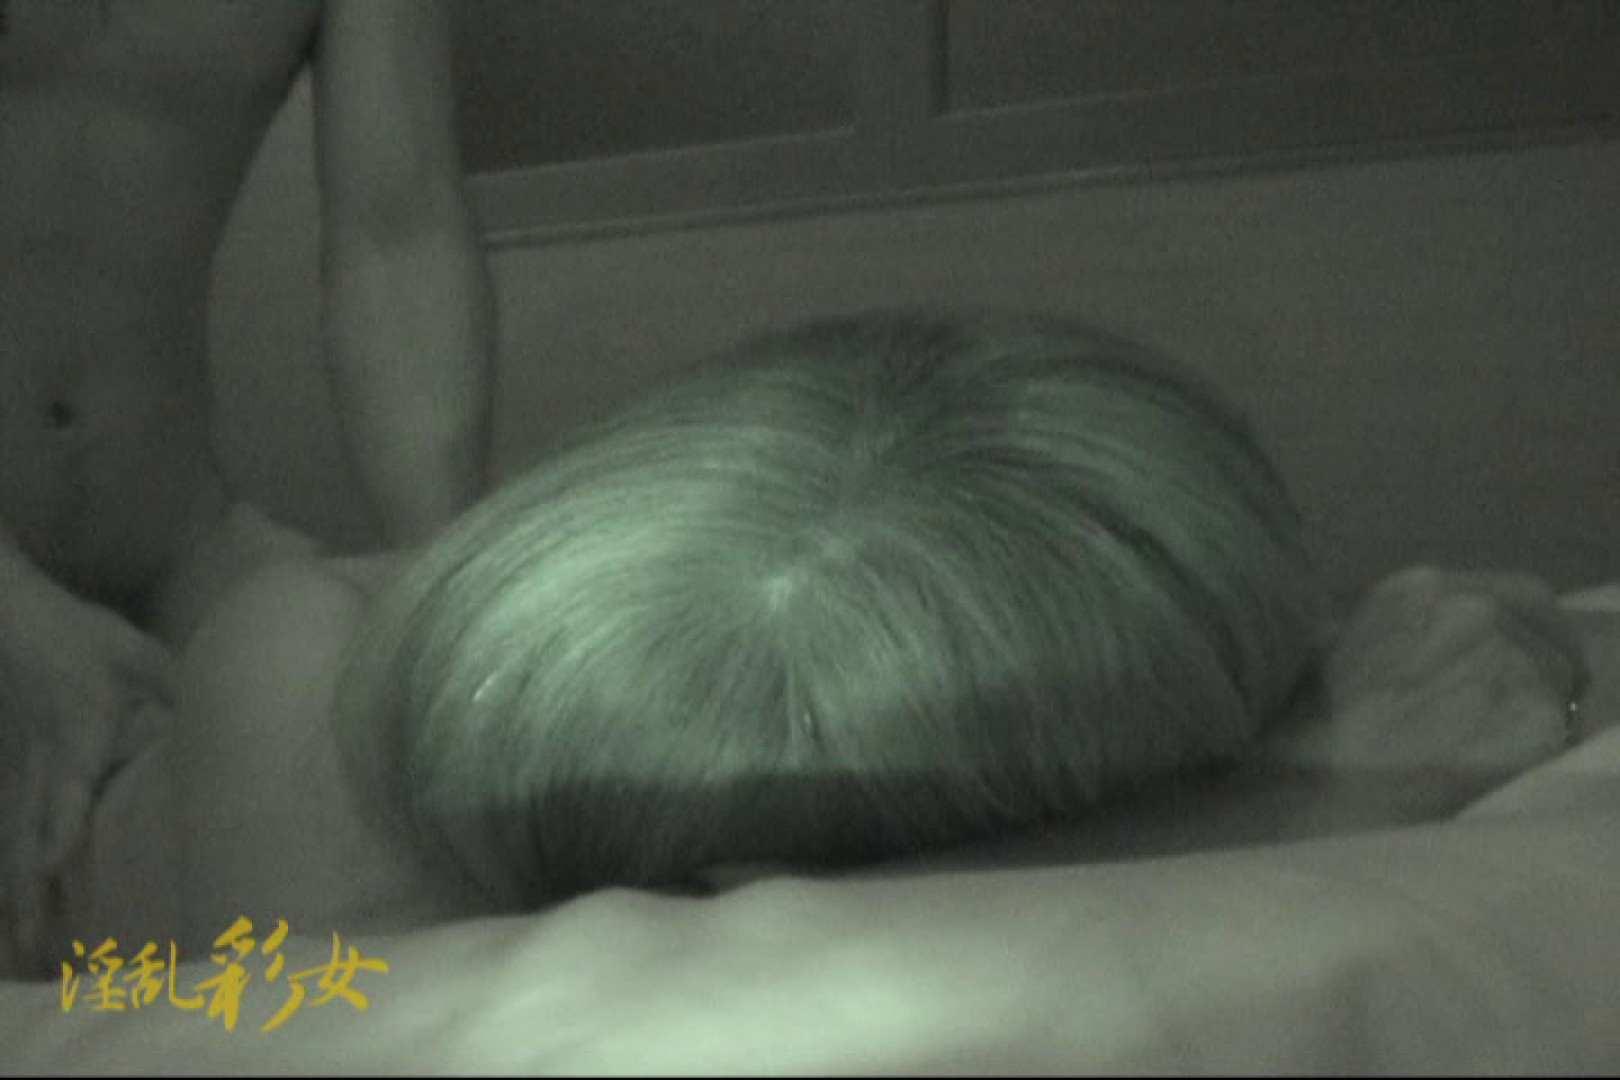 淫乱彩女 麻優里 禁断の彼氏2 一般投稿  77連発 37